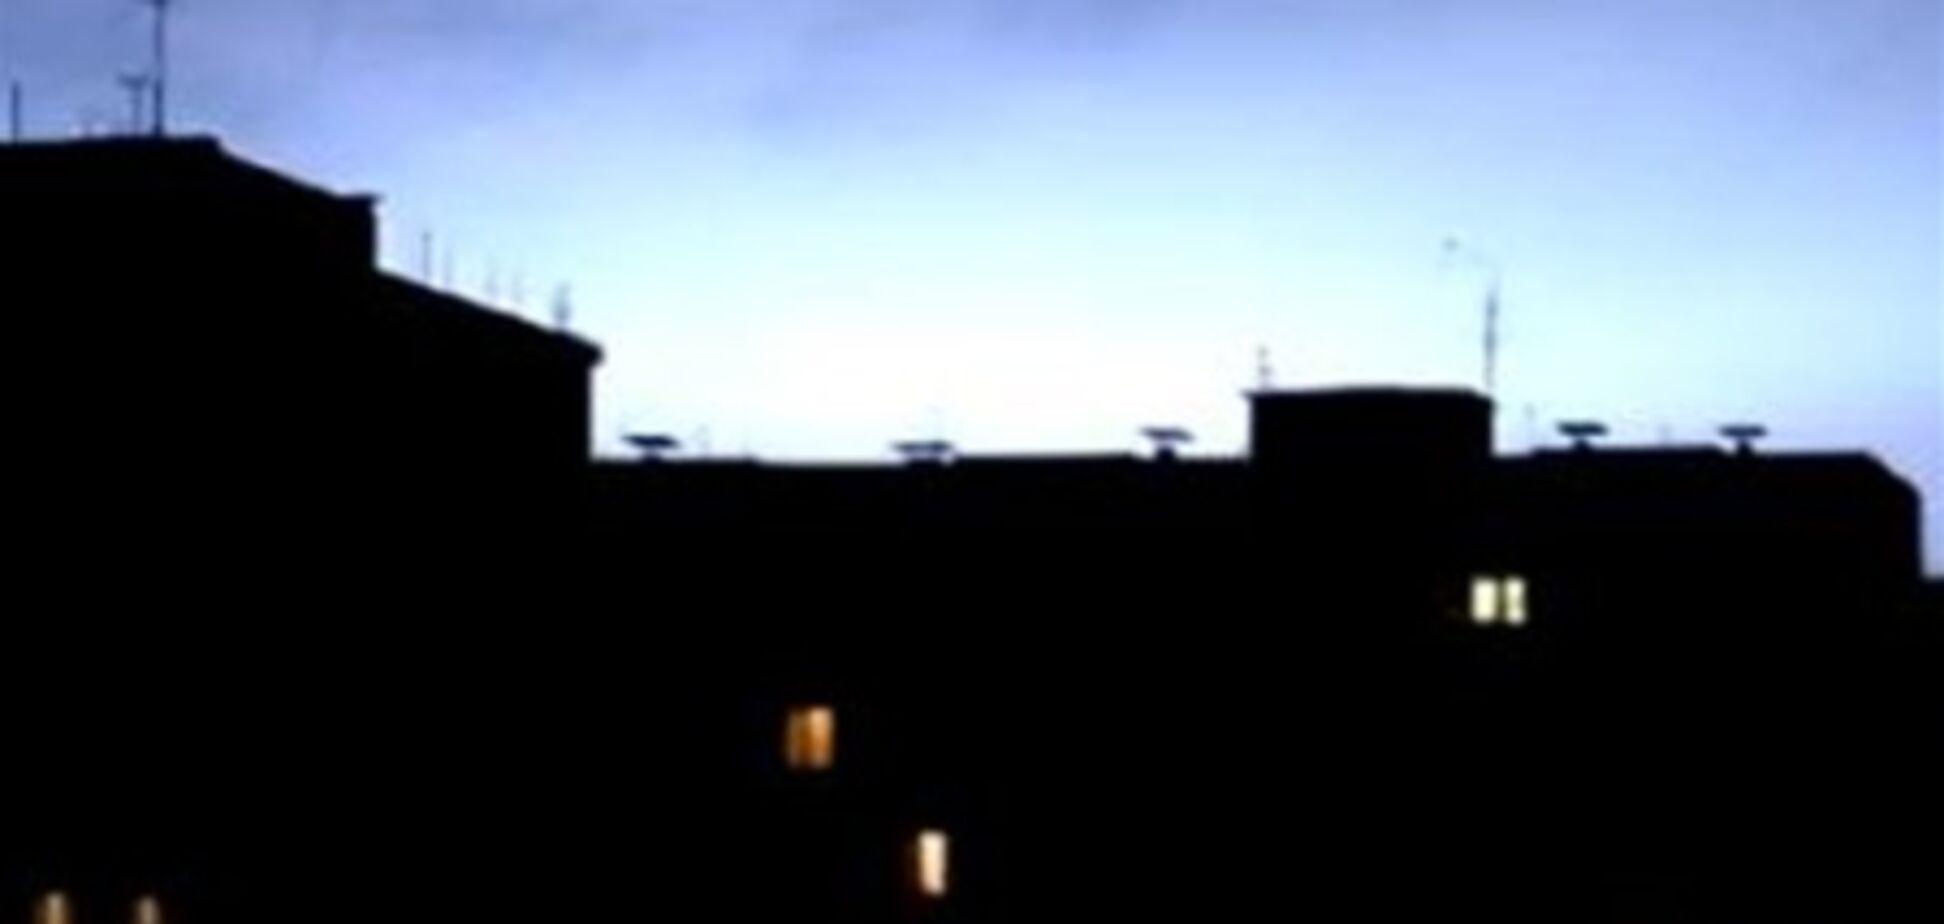 Дивні спалаху в небі налякали жителів Одеси. Фото. Відео